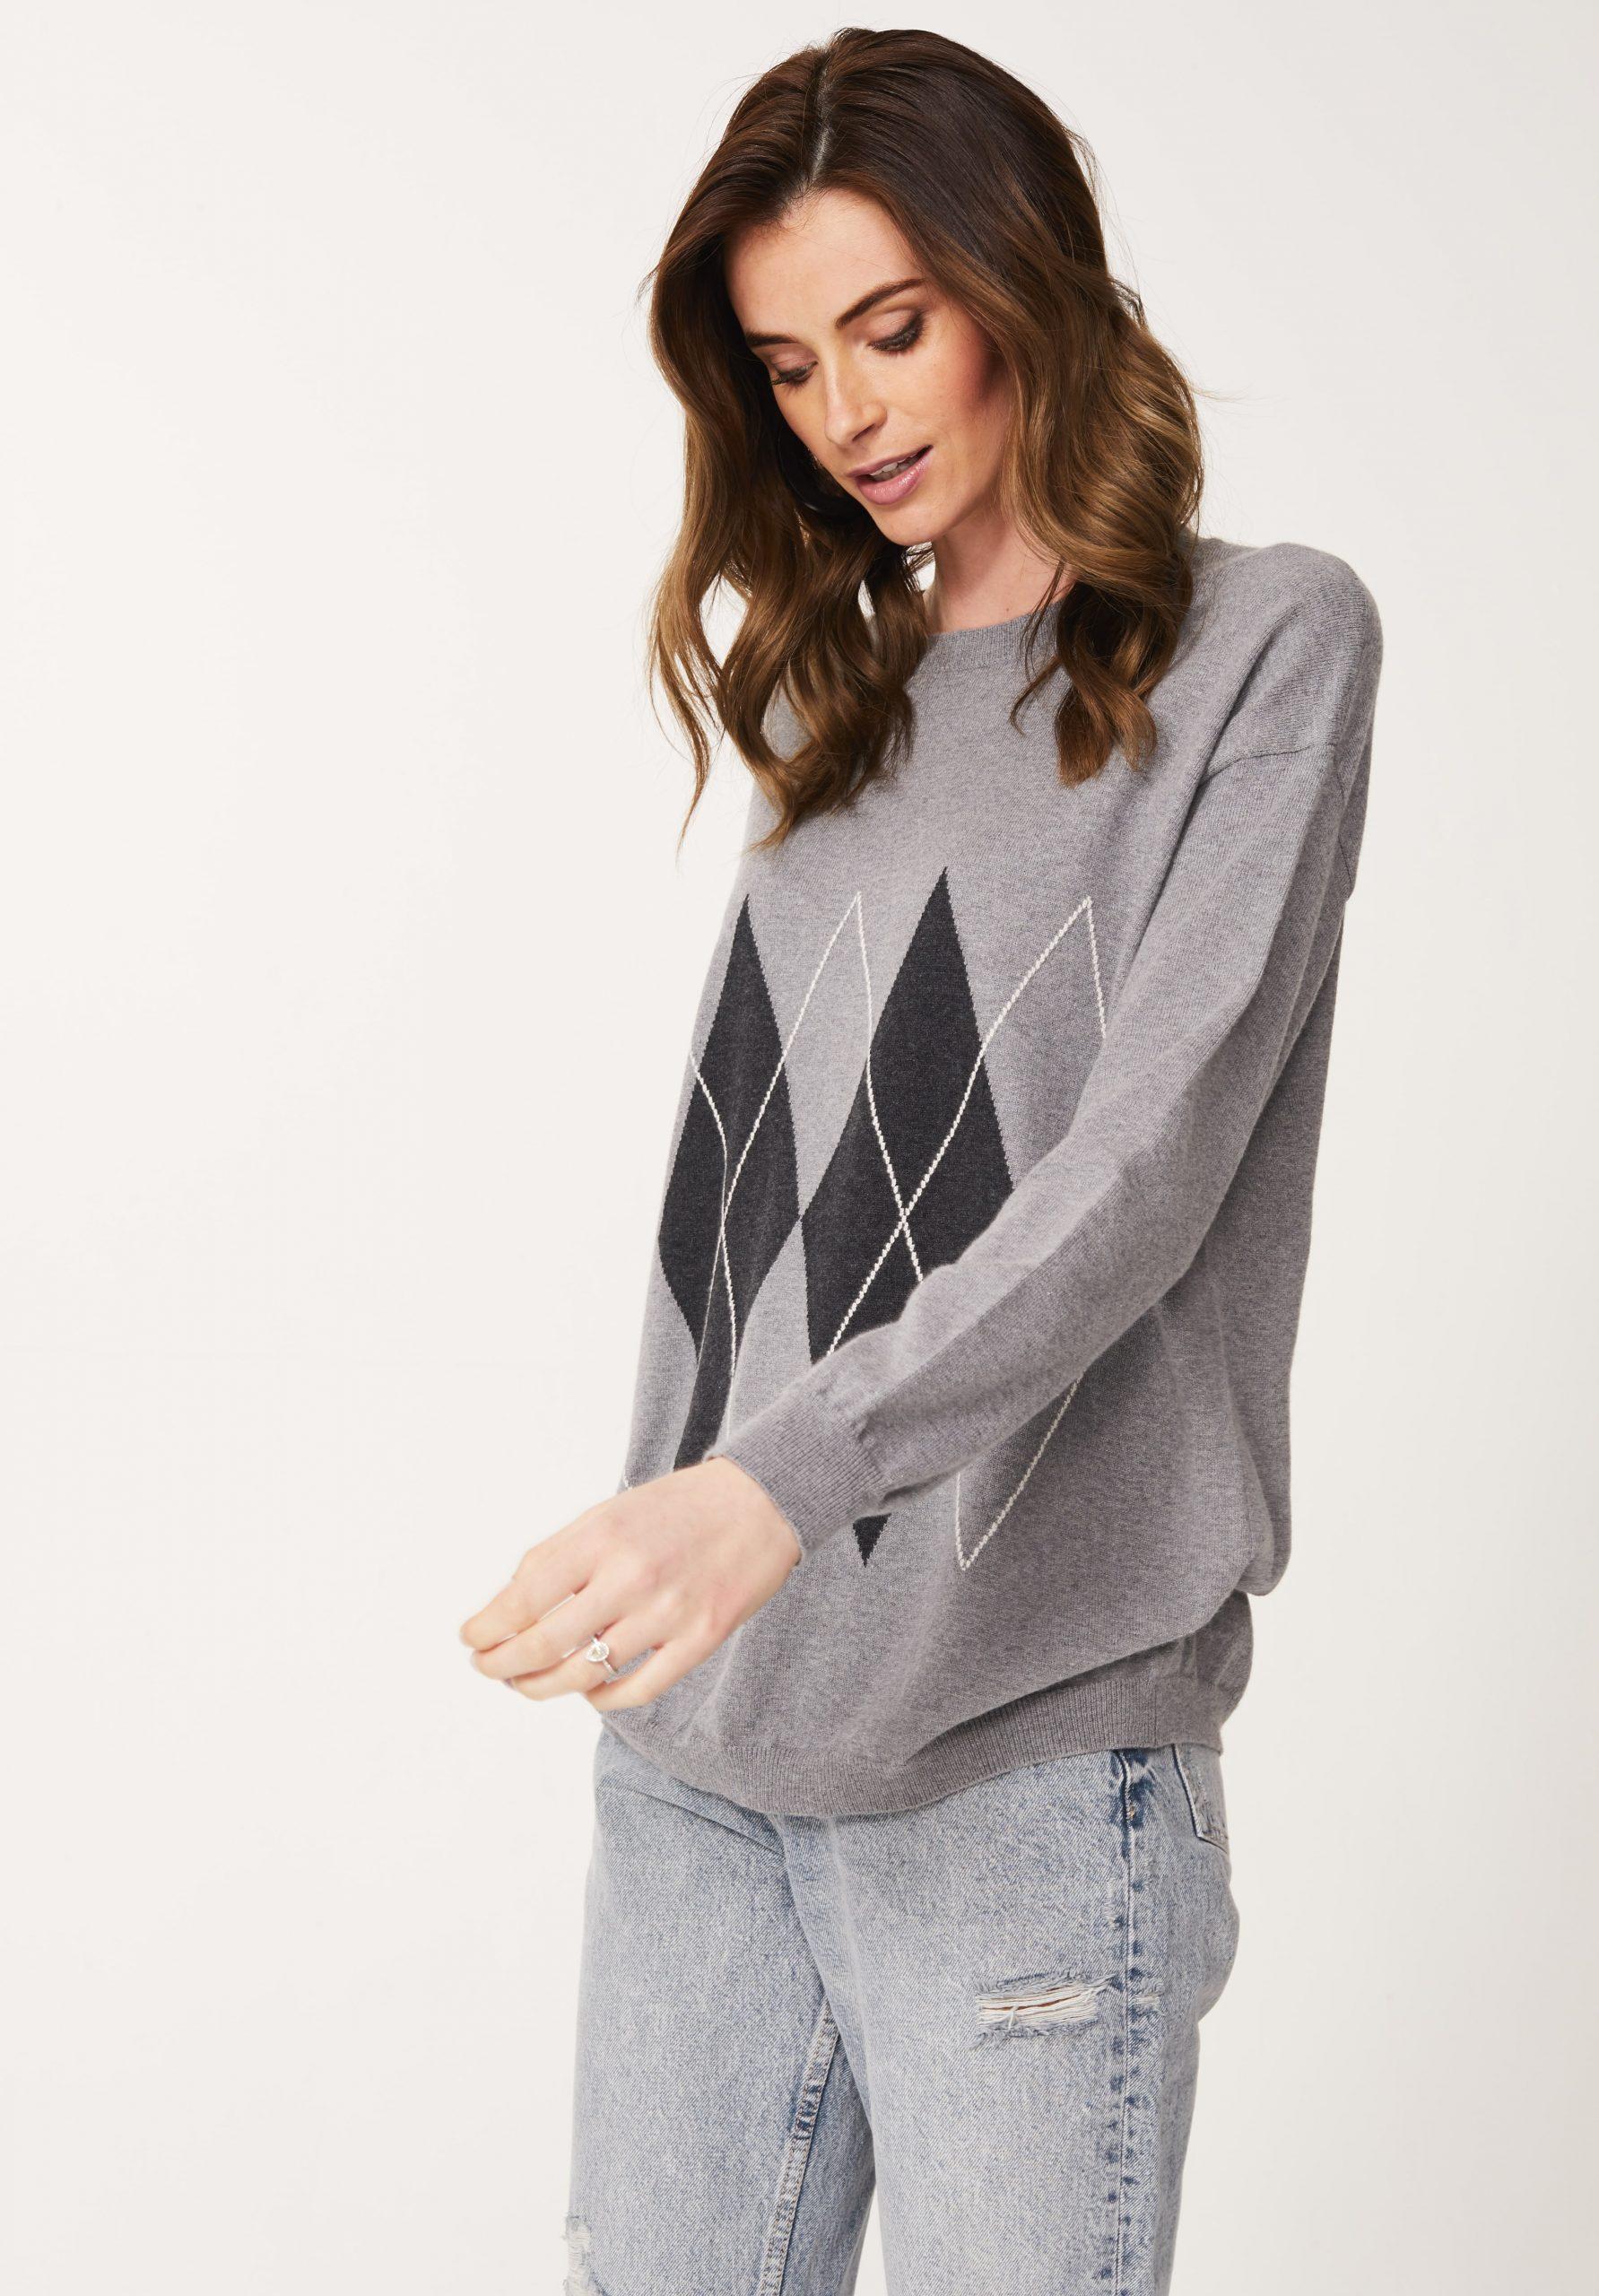 Boyfriend Argyle Jumper in Grey/Graphite